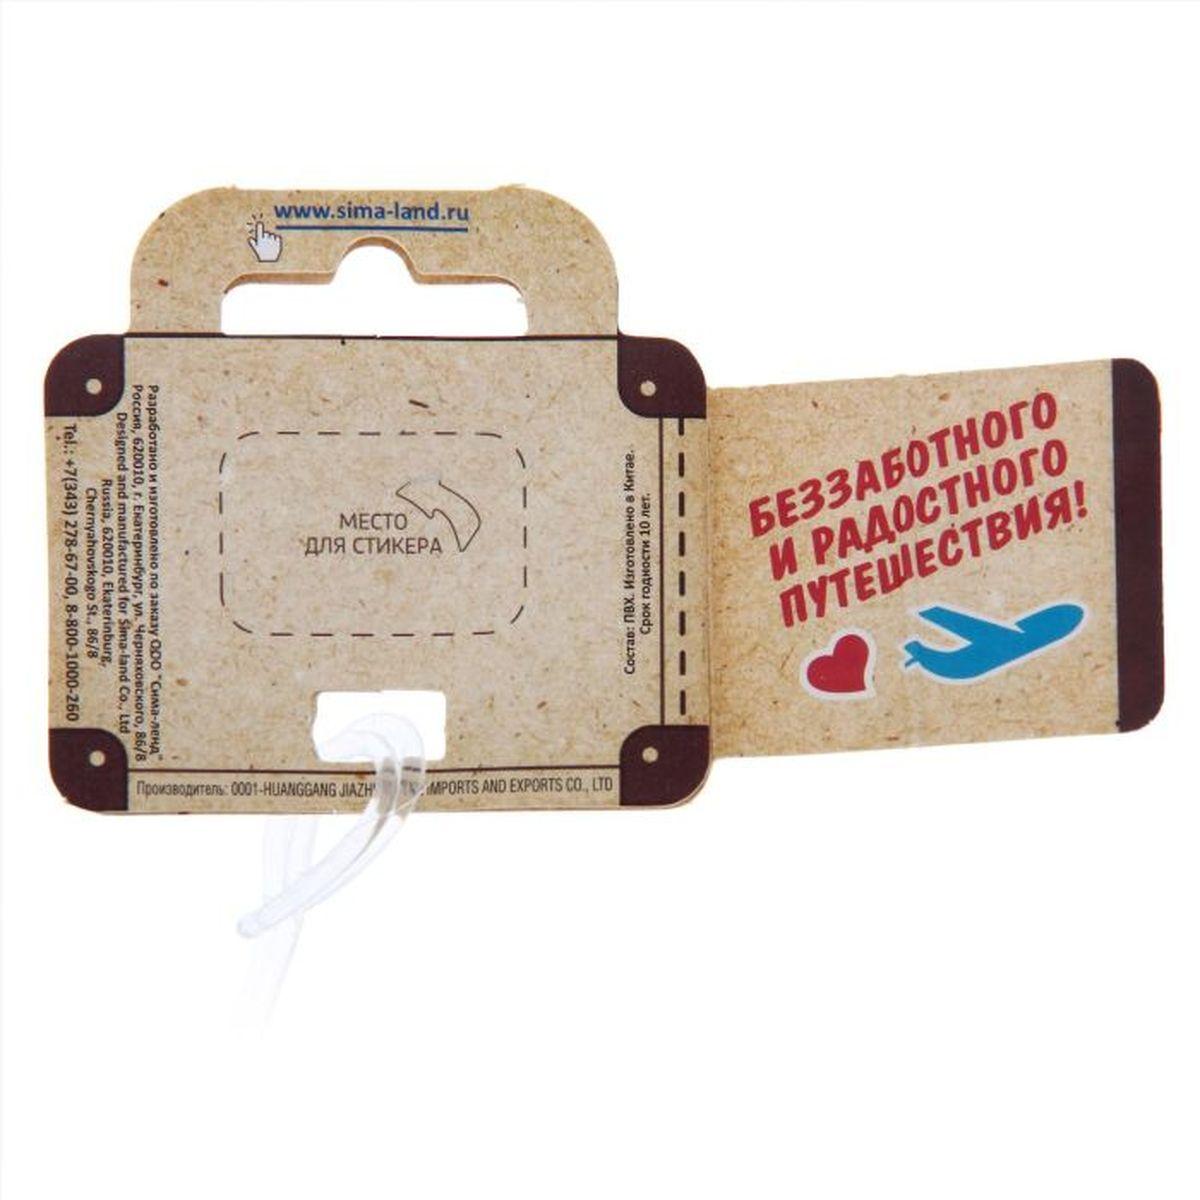 """Бирка на чемодан Sima-land """"Только самое нужное"""", 7,5 х 10 см. 1144504"""